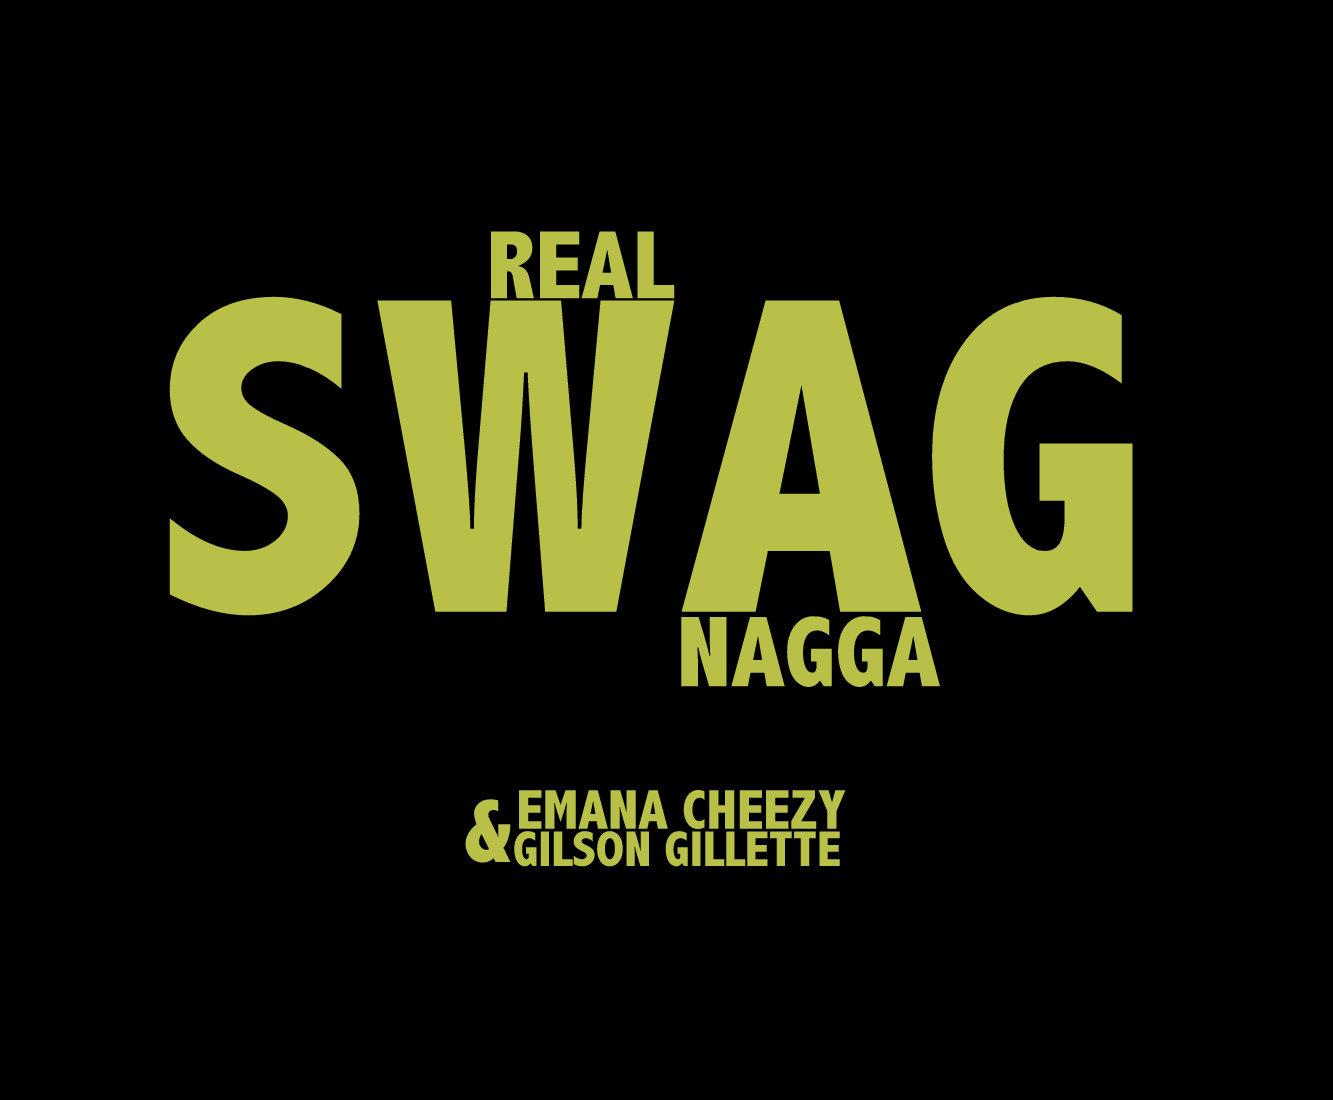 Toplist real swag nagga ft gilson gillette